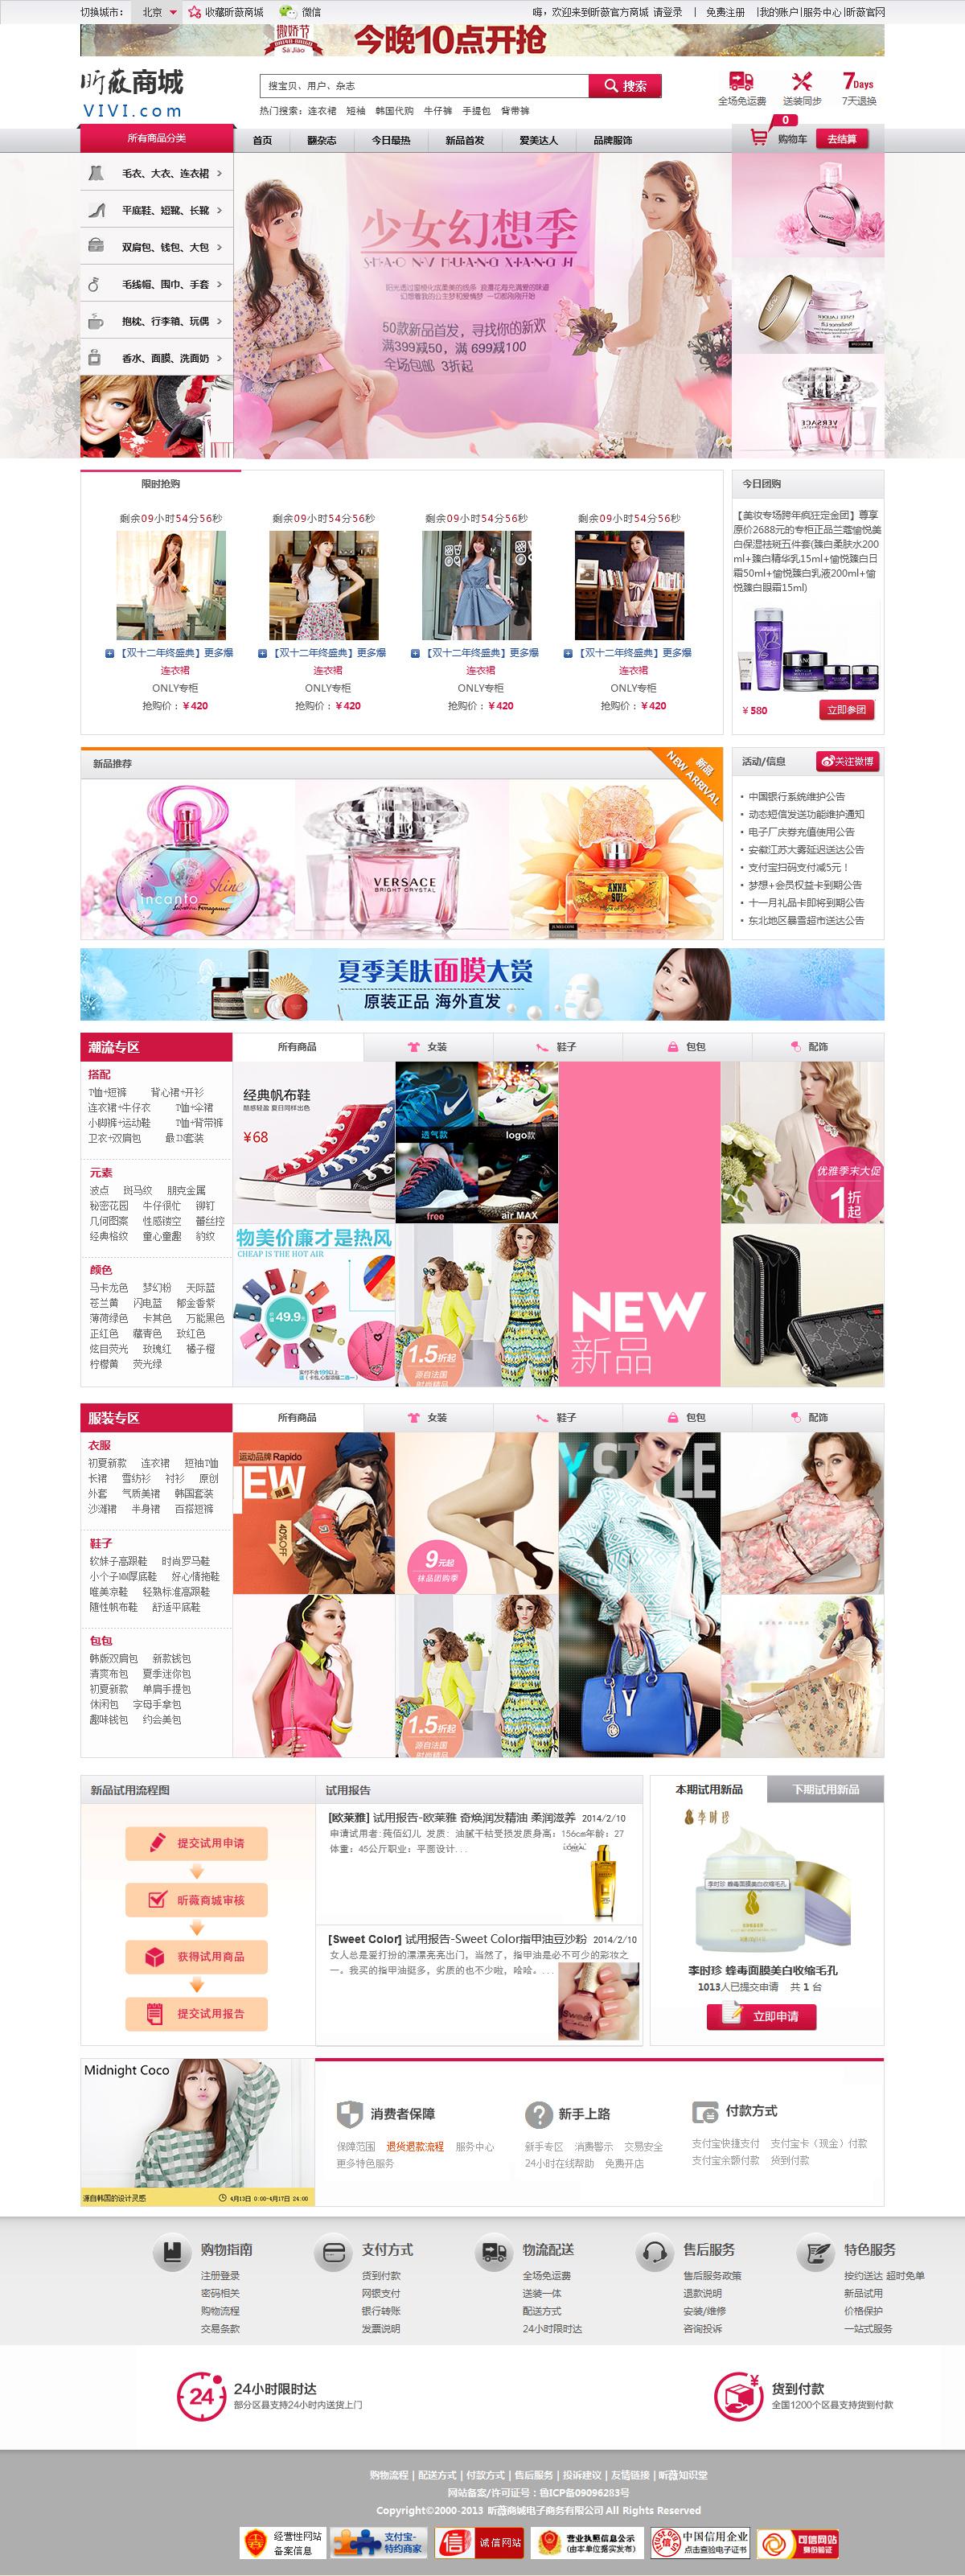 电商网站设计|网页|电商|kikyo_艺馨 - 原创作品